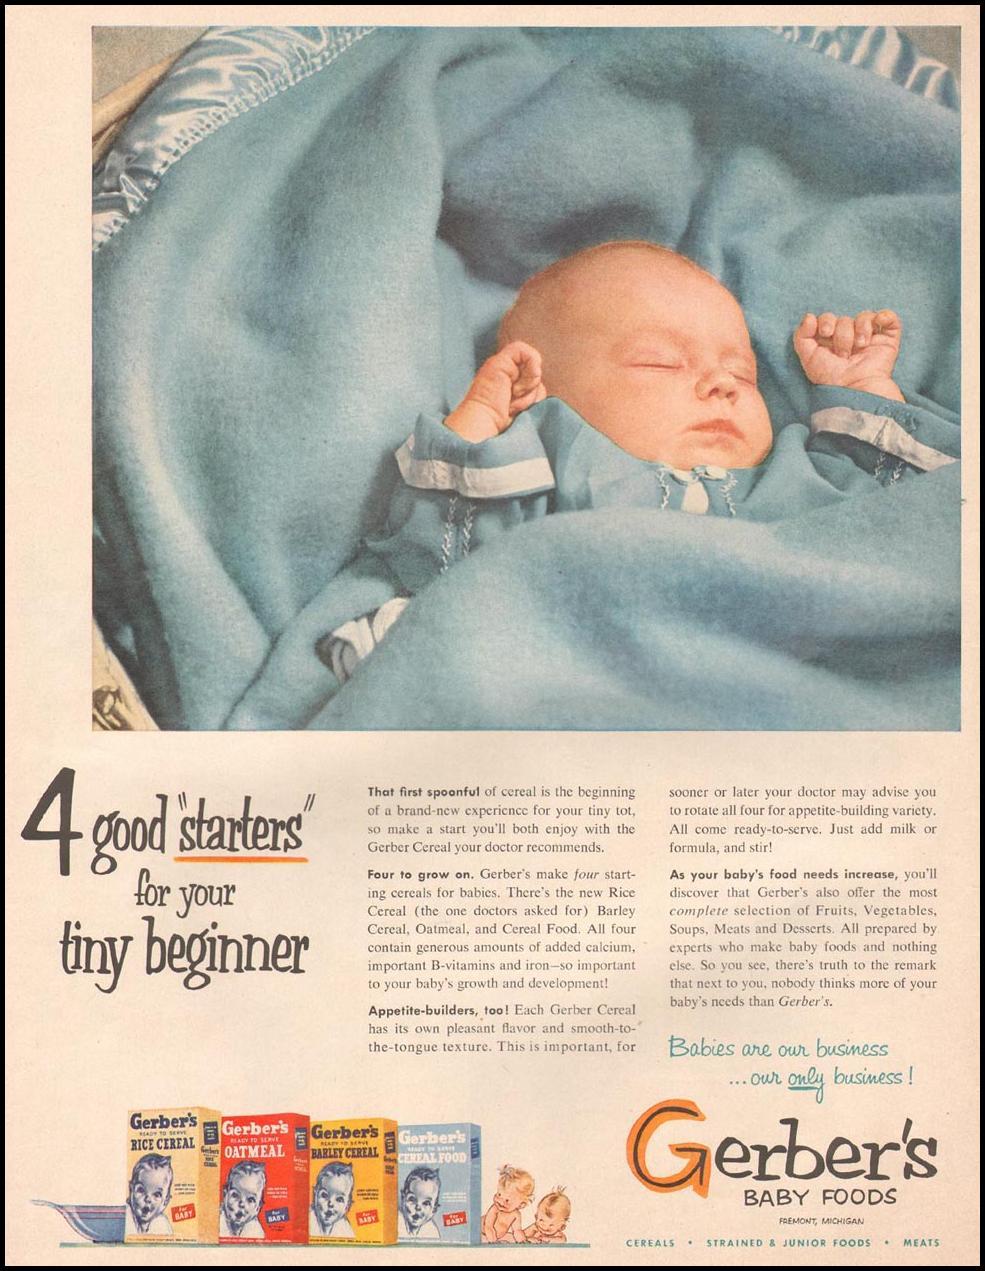 GERBER BABY FOODS LIFE 10/01/1951